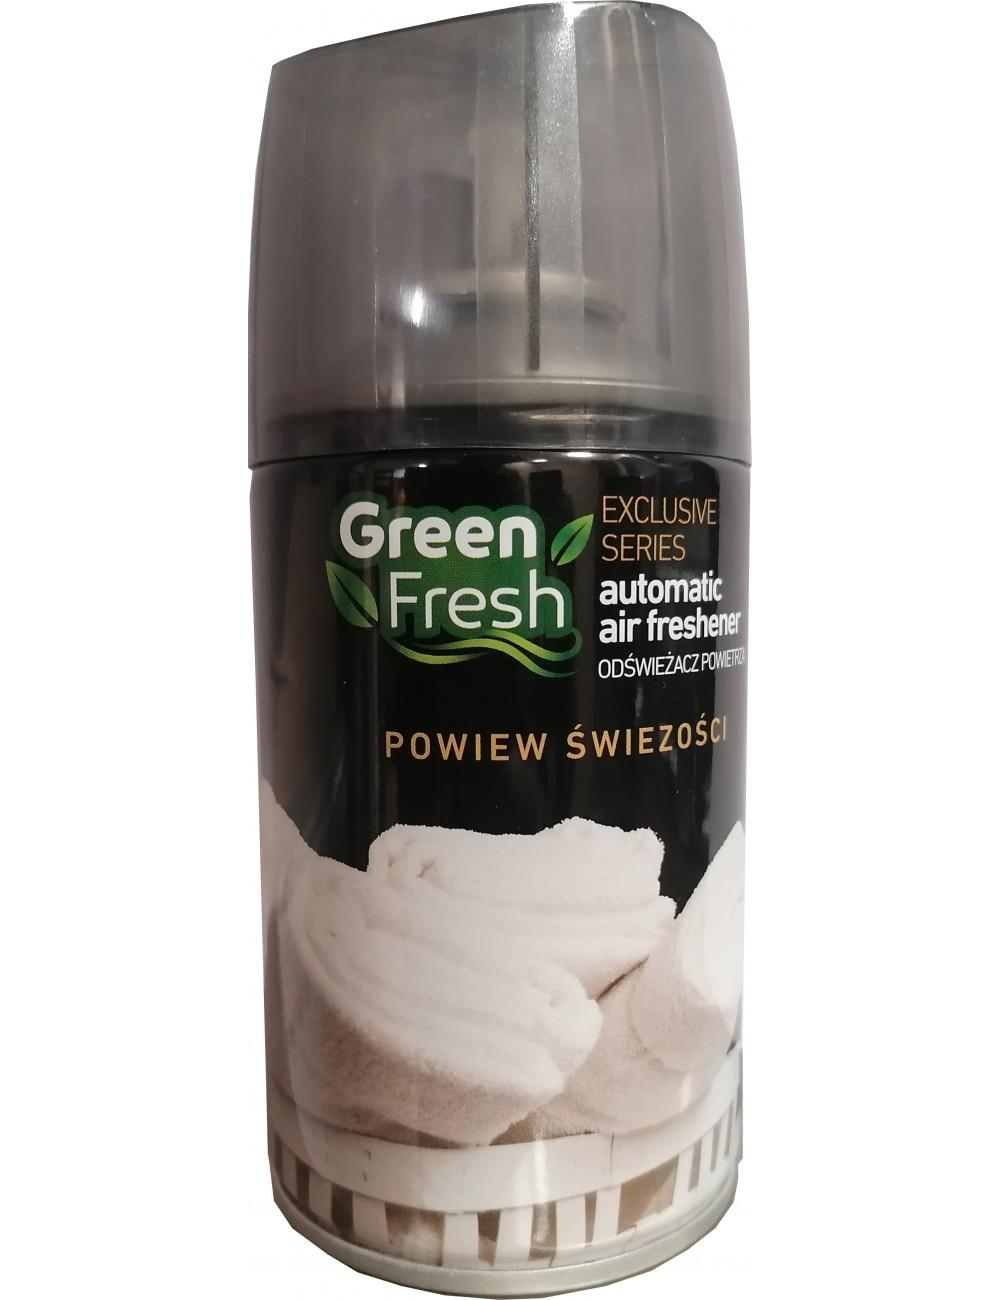 Green Fresh Powiew Świeżości Odświeżacz Powietrza do Urządzeń Automatycznych 250 ml